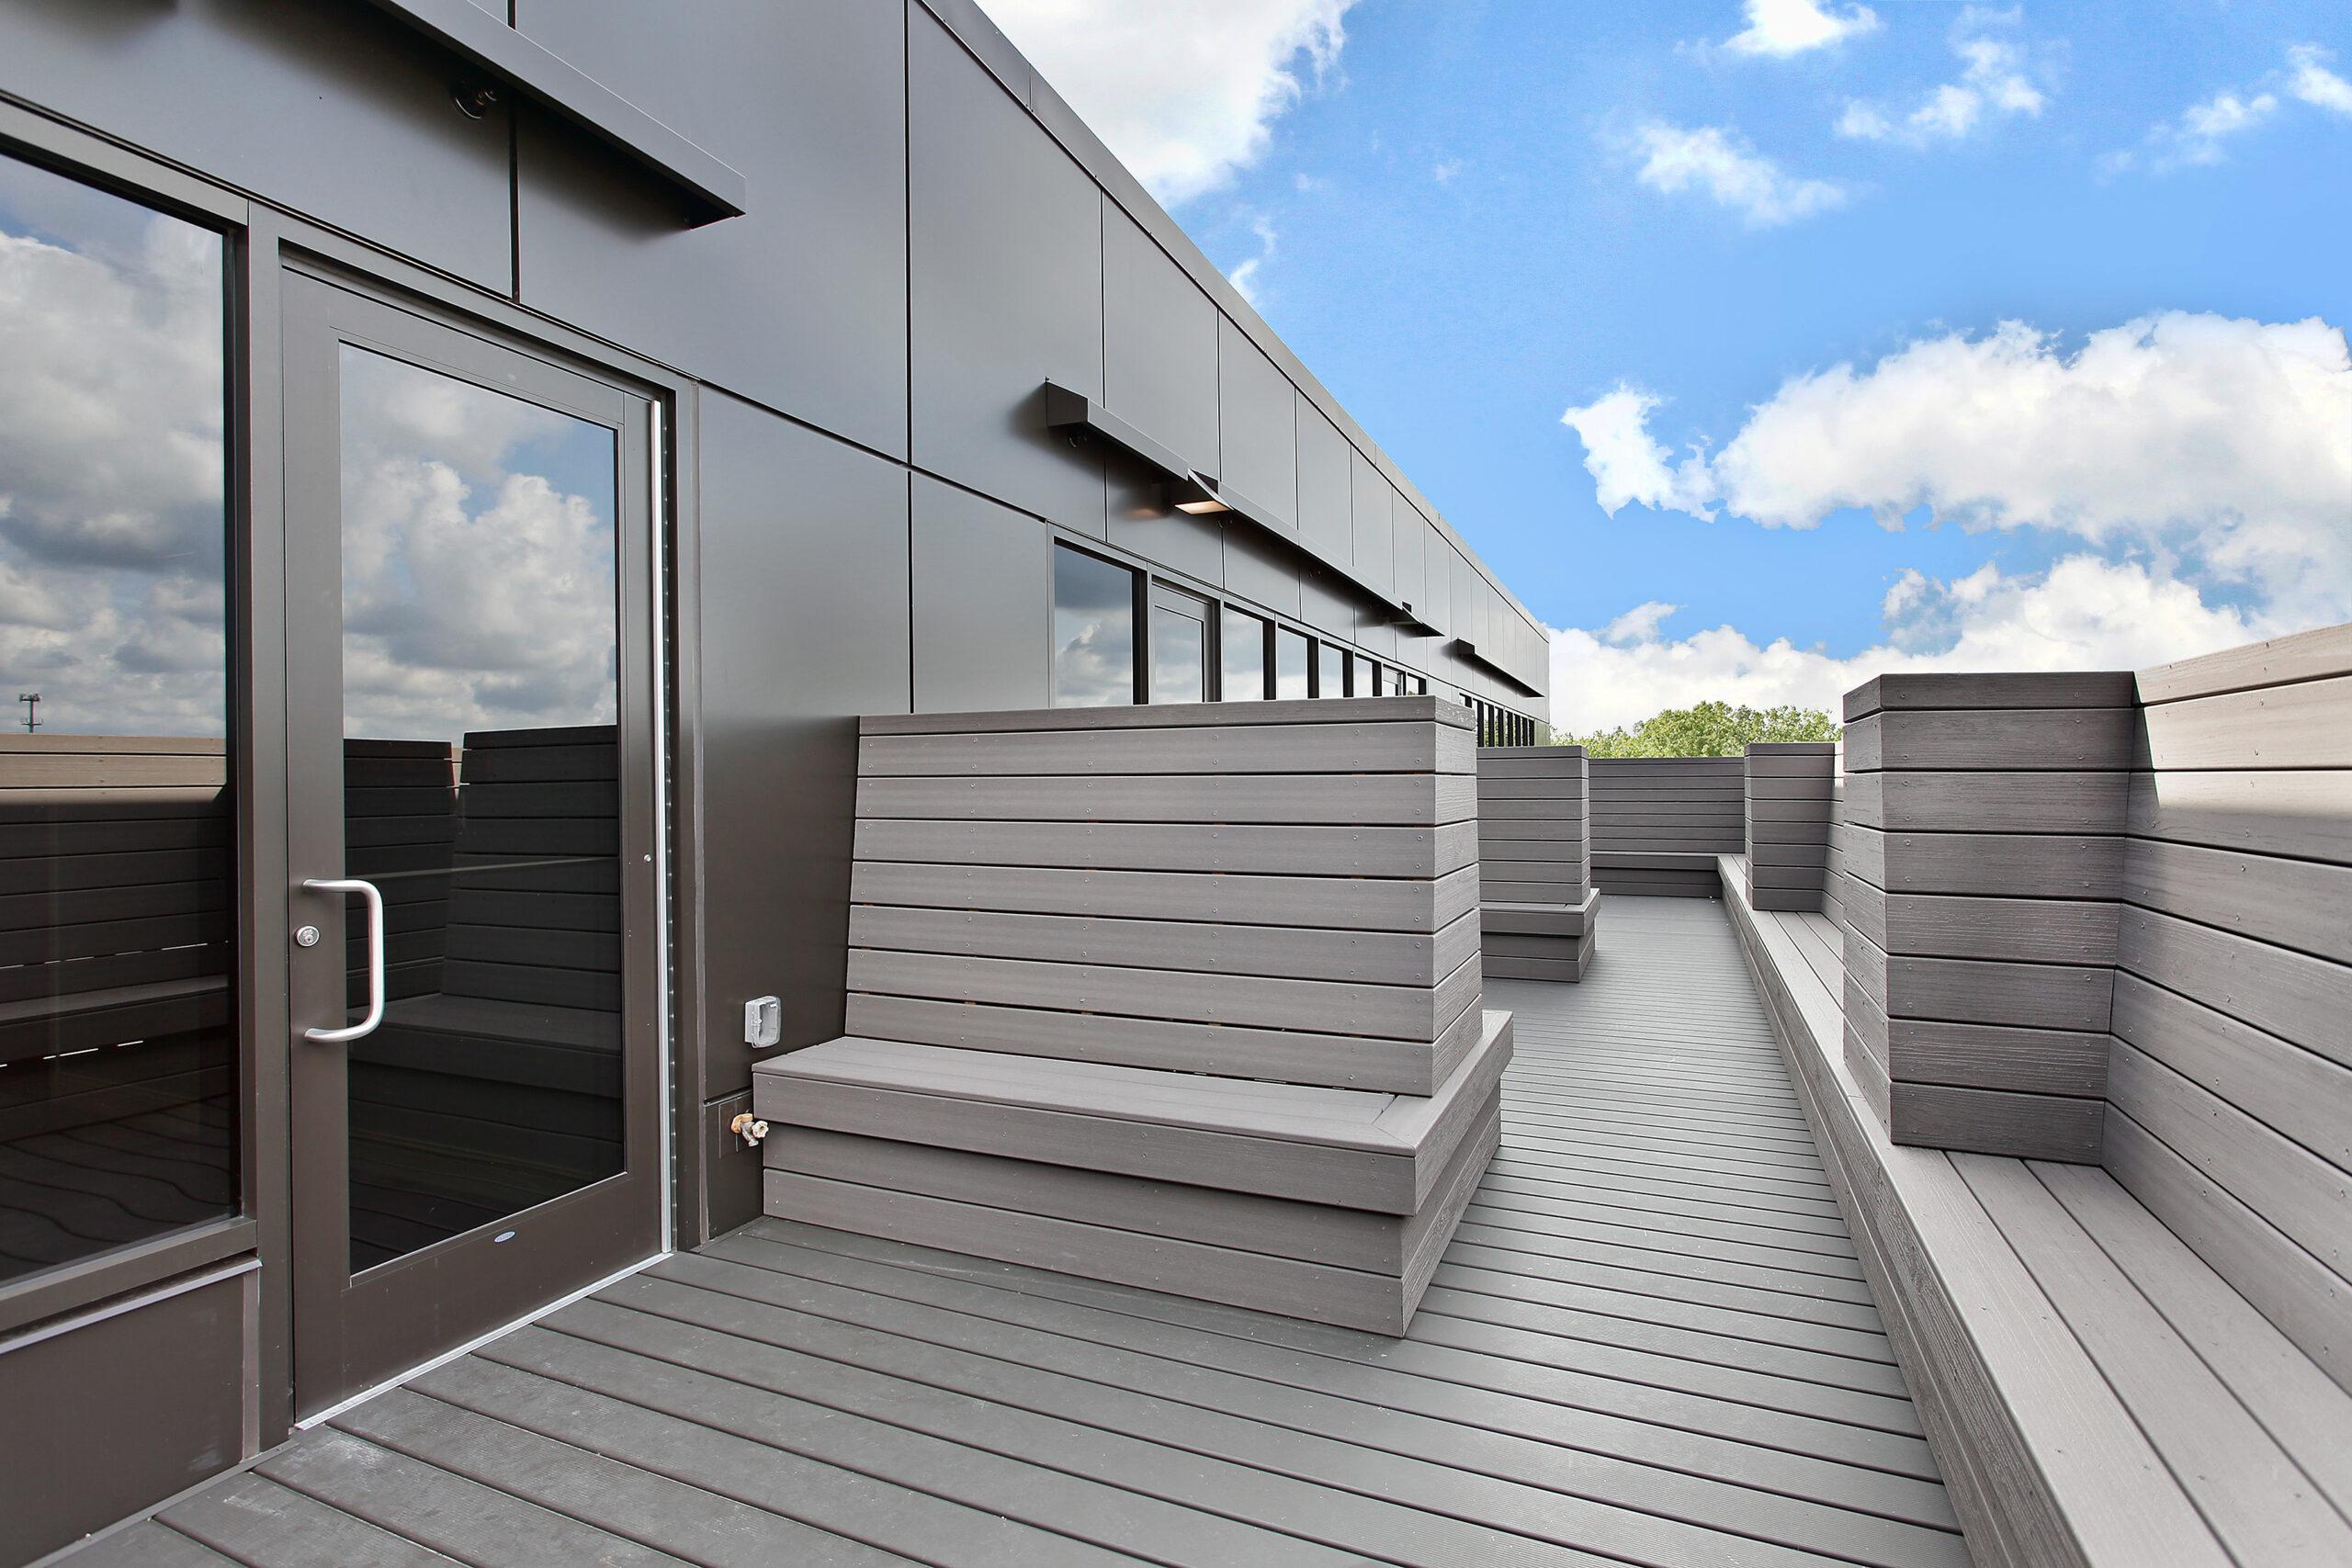 Exterior buildout, deck space, JourneyCare.